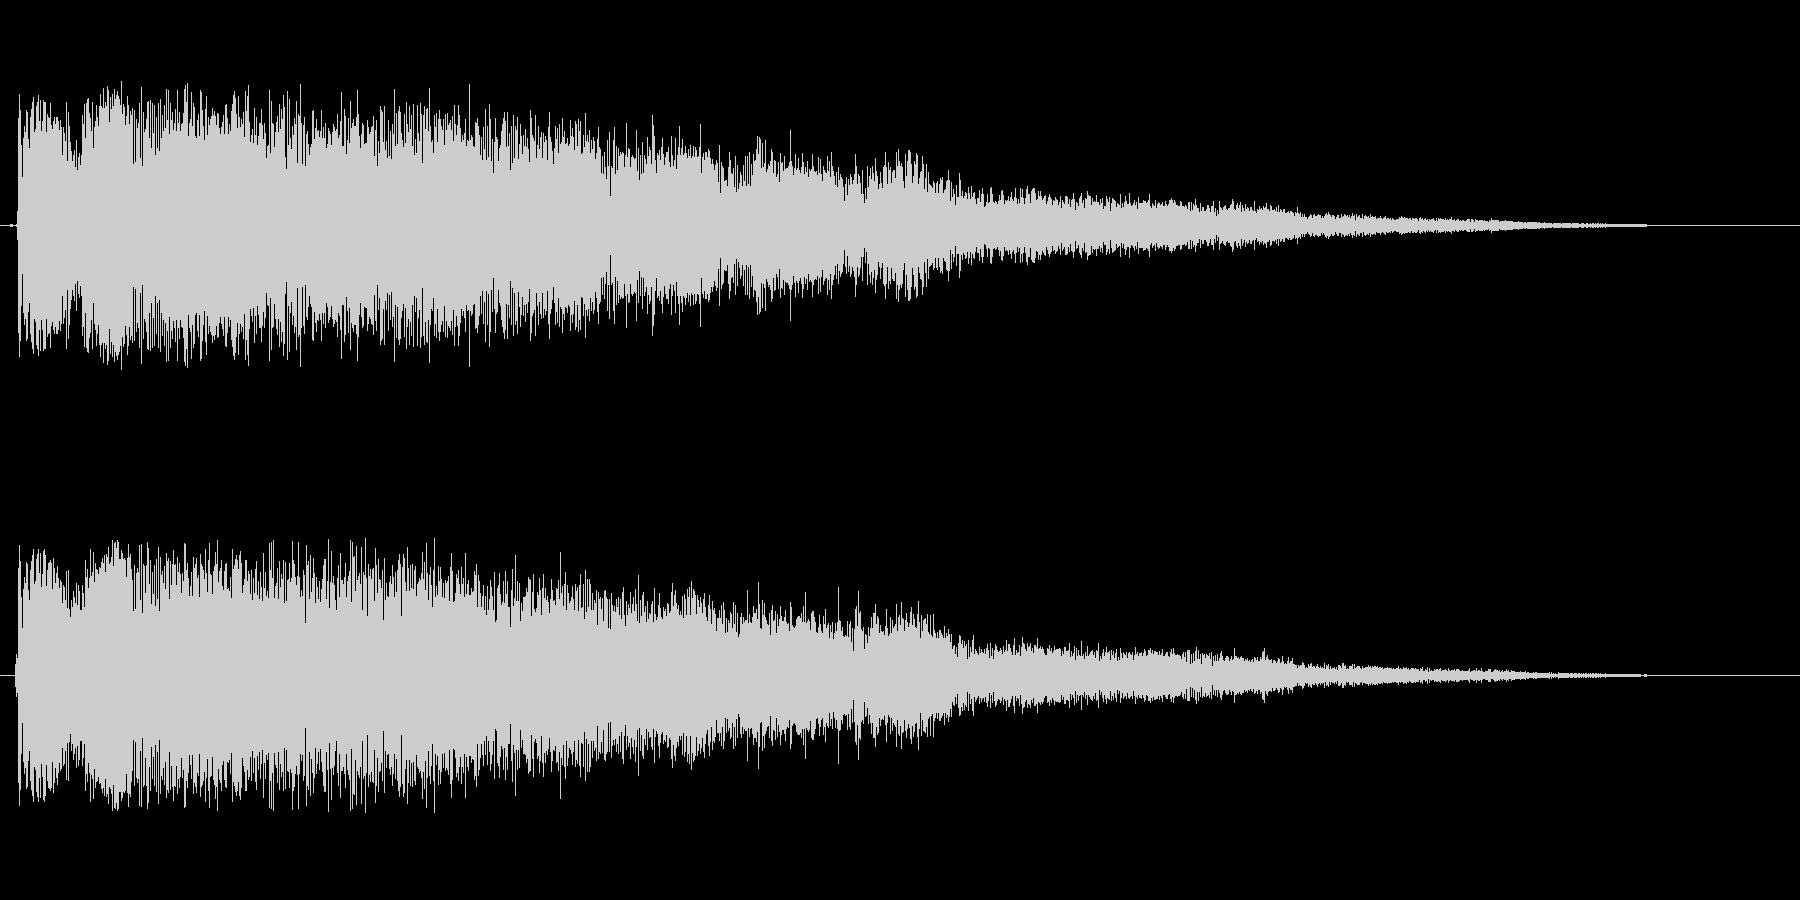 ピヨヨヨヨヨヨン(目が覚める効果音)の未再生の波形